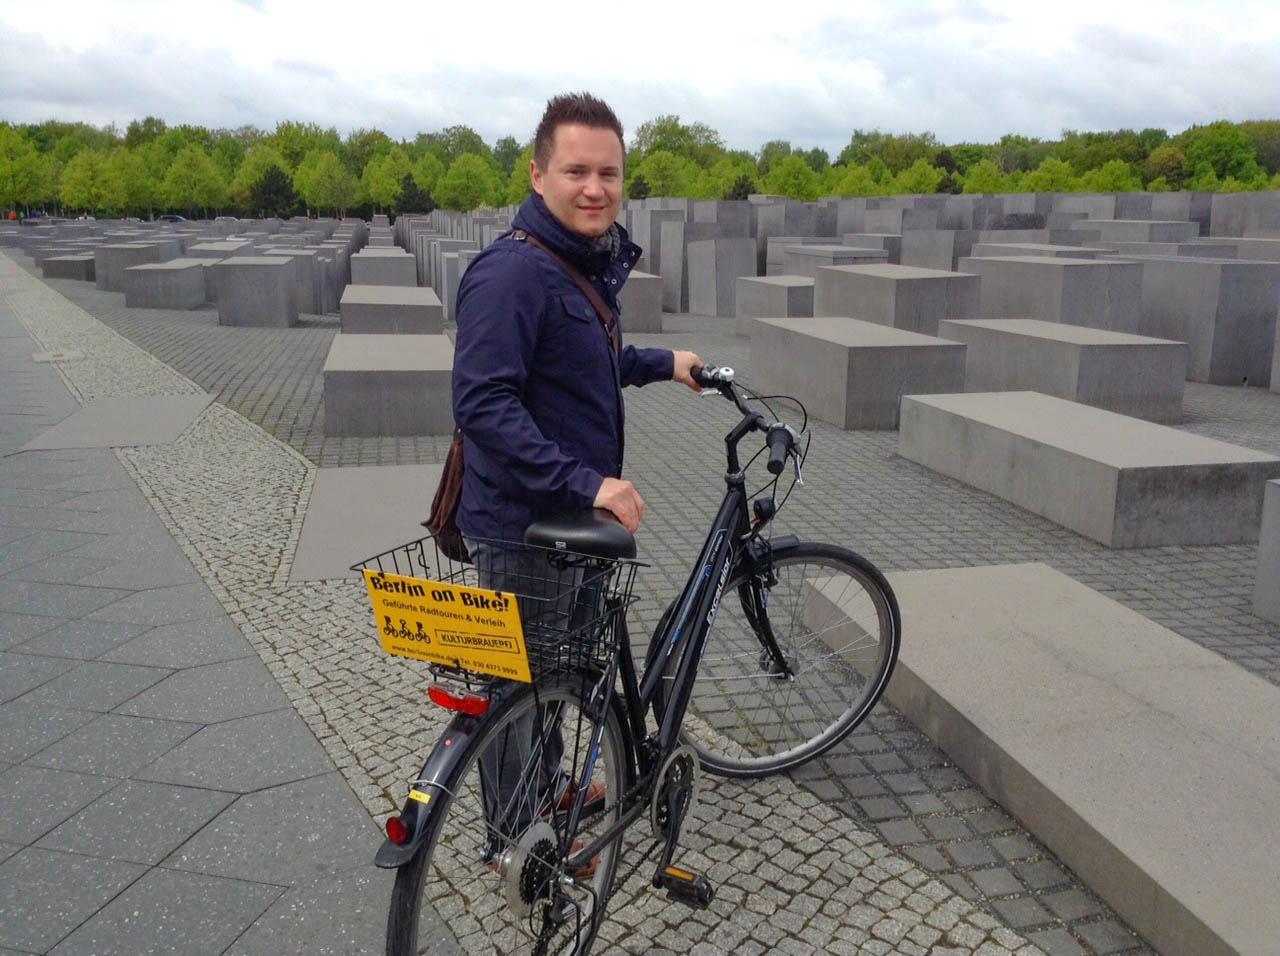 Unser Reiseexperte Philipp entdeckt die Sehenswürdigkeiten mit dem Fahrrad in Berlin.